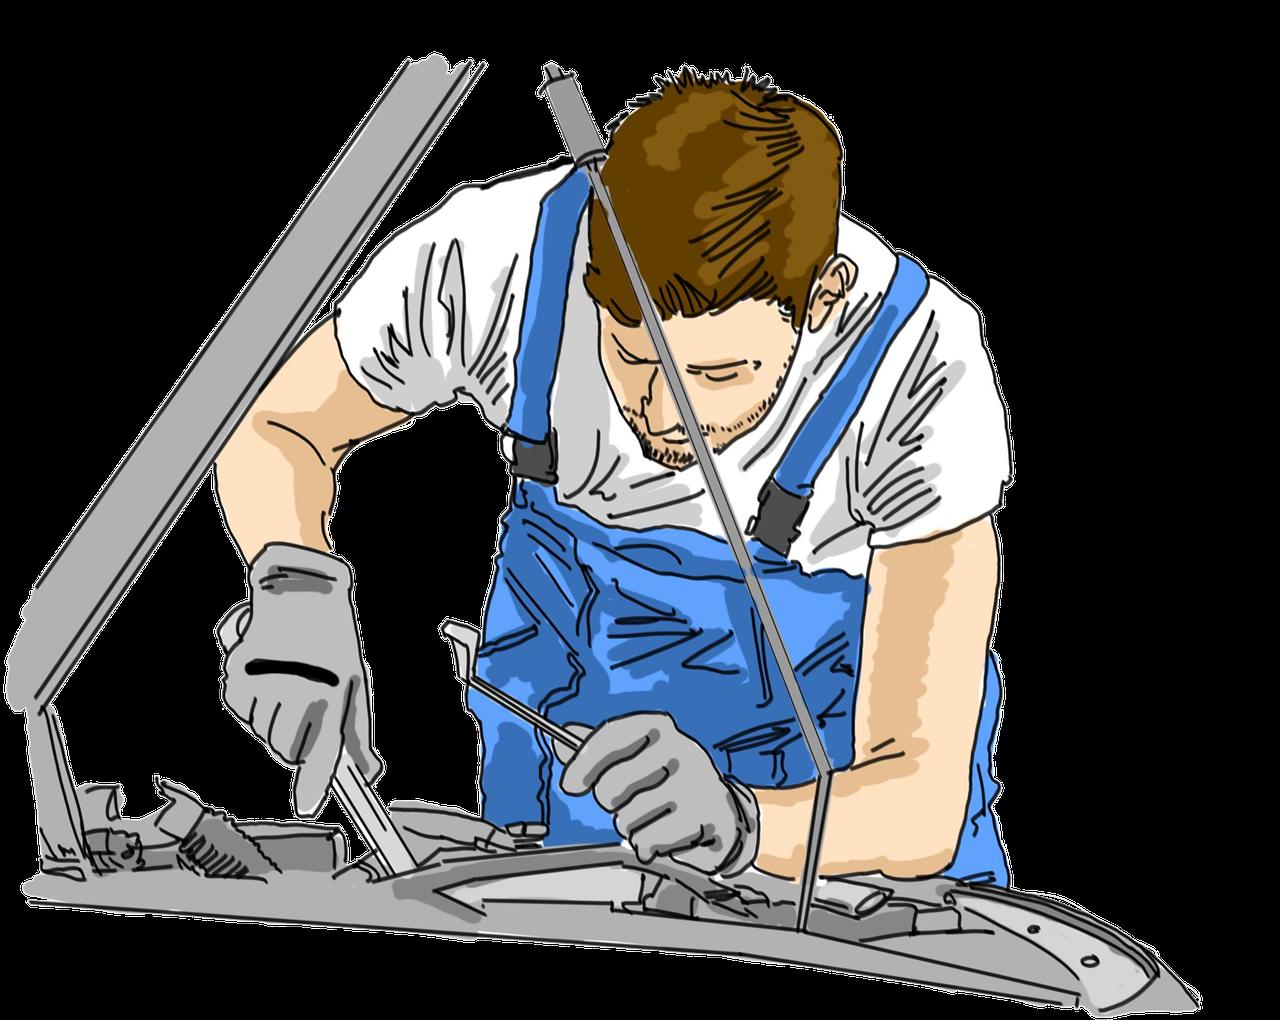 Mechanic Garage Work Repair  - MaxFro / Pixabay